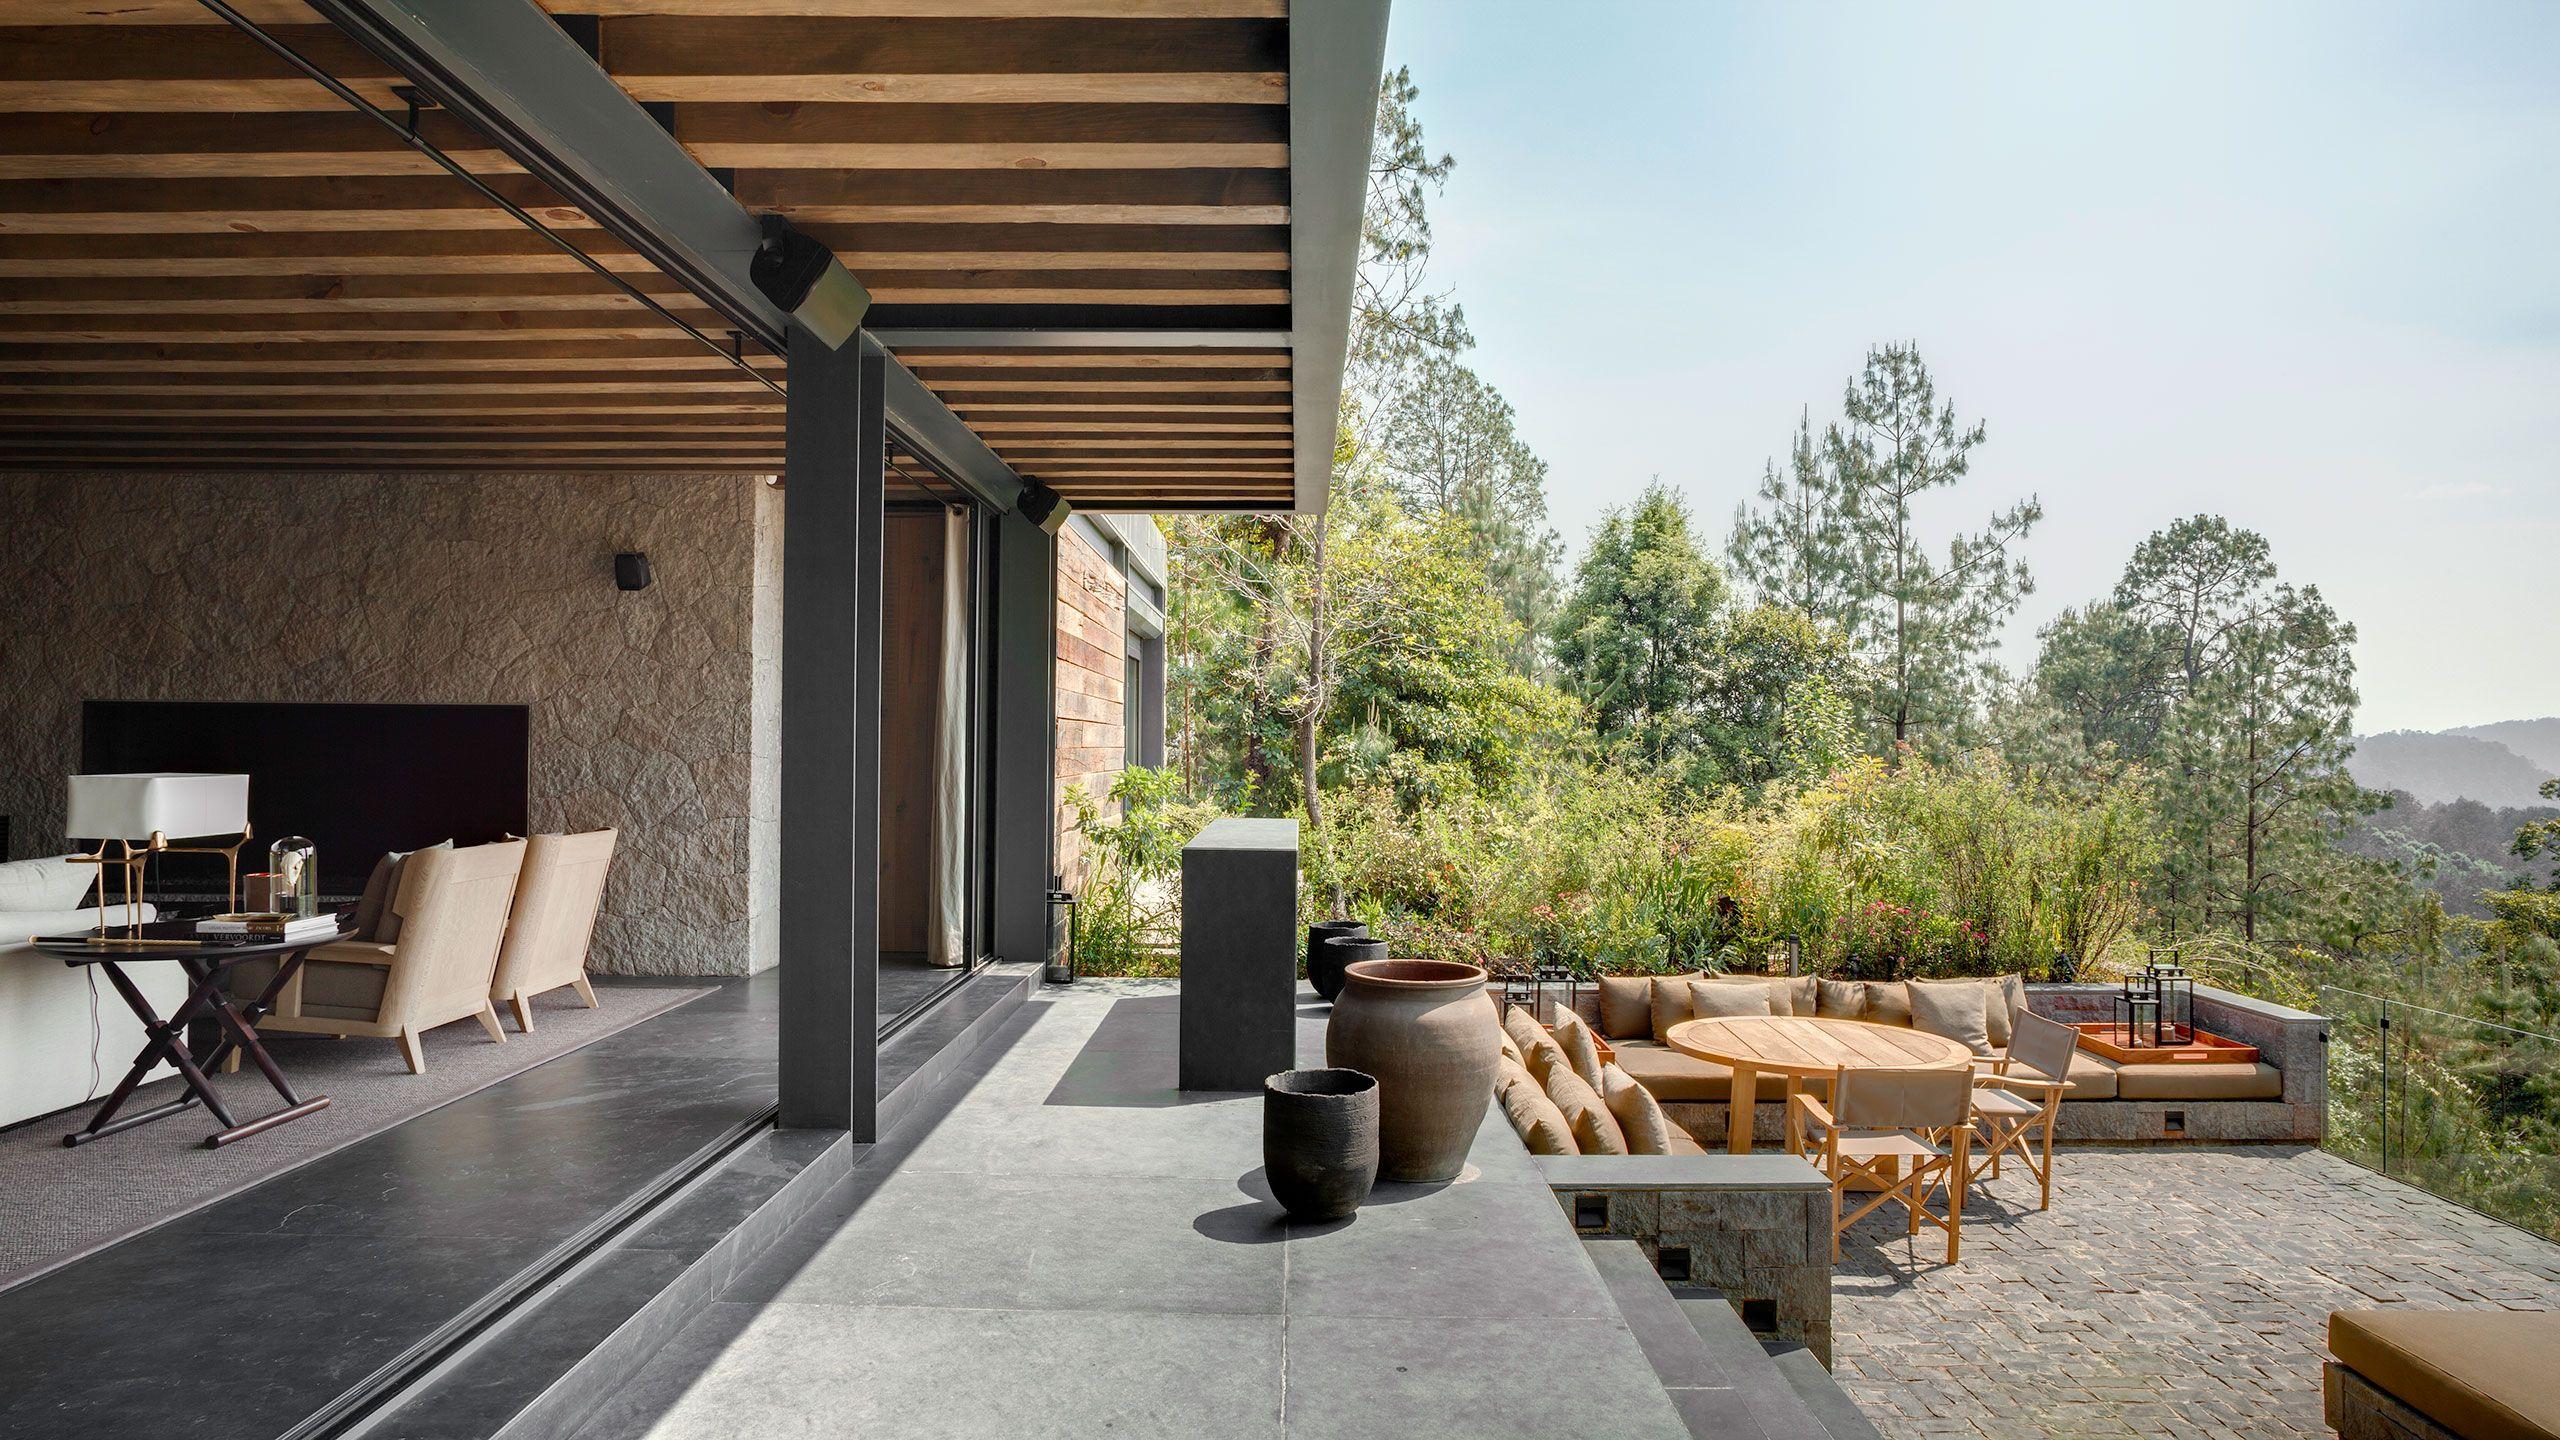 Casa el mirador in valle de bravo mexico by cc - Arquitectos casas modernas ...